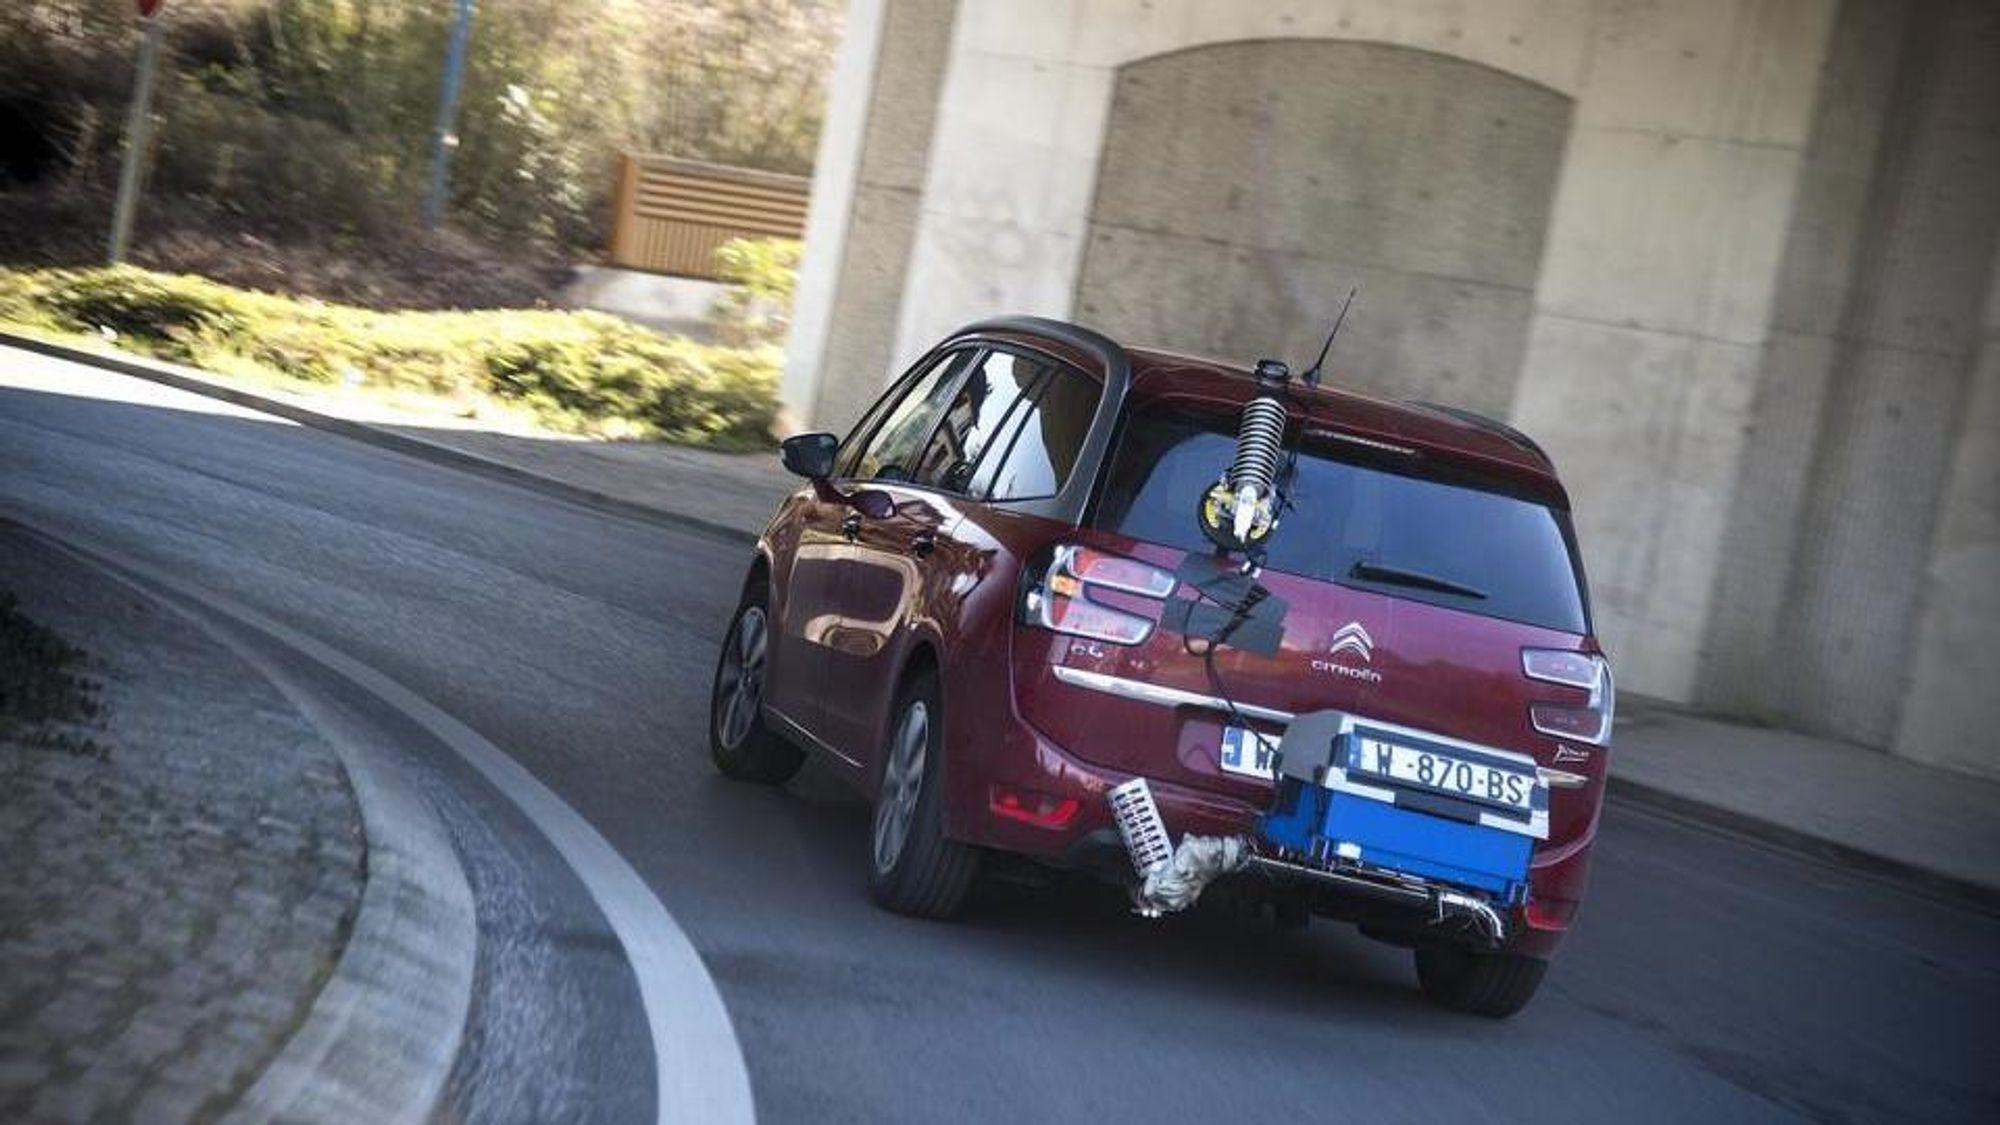 Europeiske biler kommer til å møte et strengere testregime de kommende årene, blant annet med måling av reelt utslipp fra kjøring på vei.